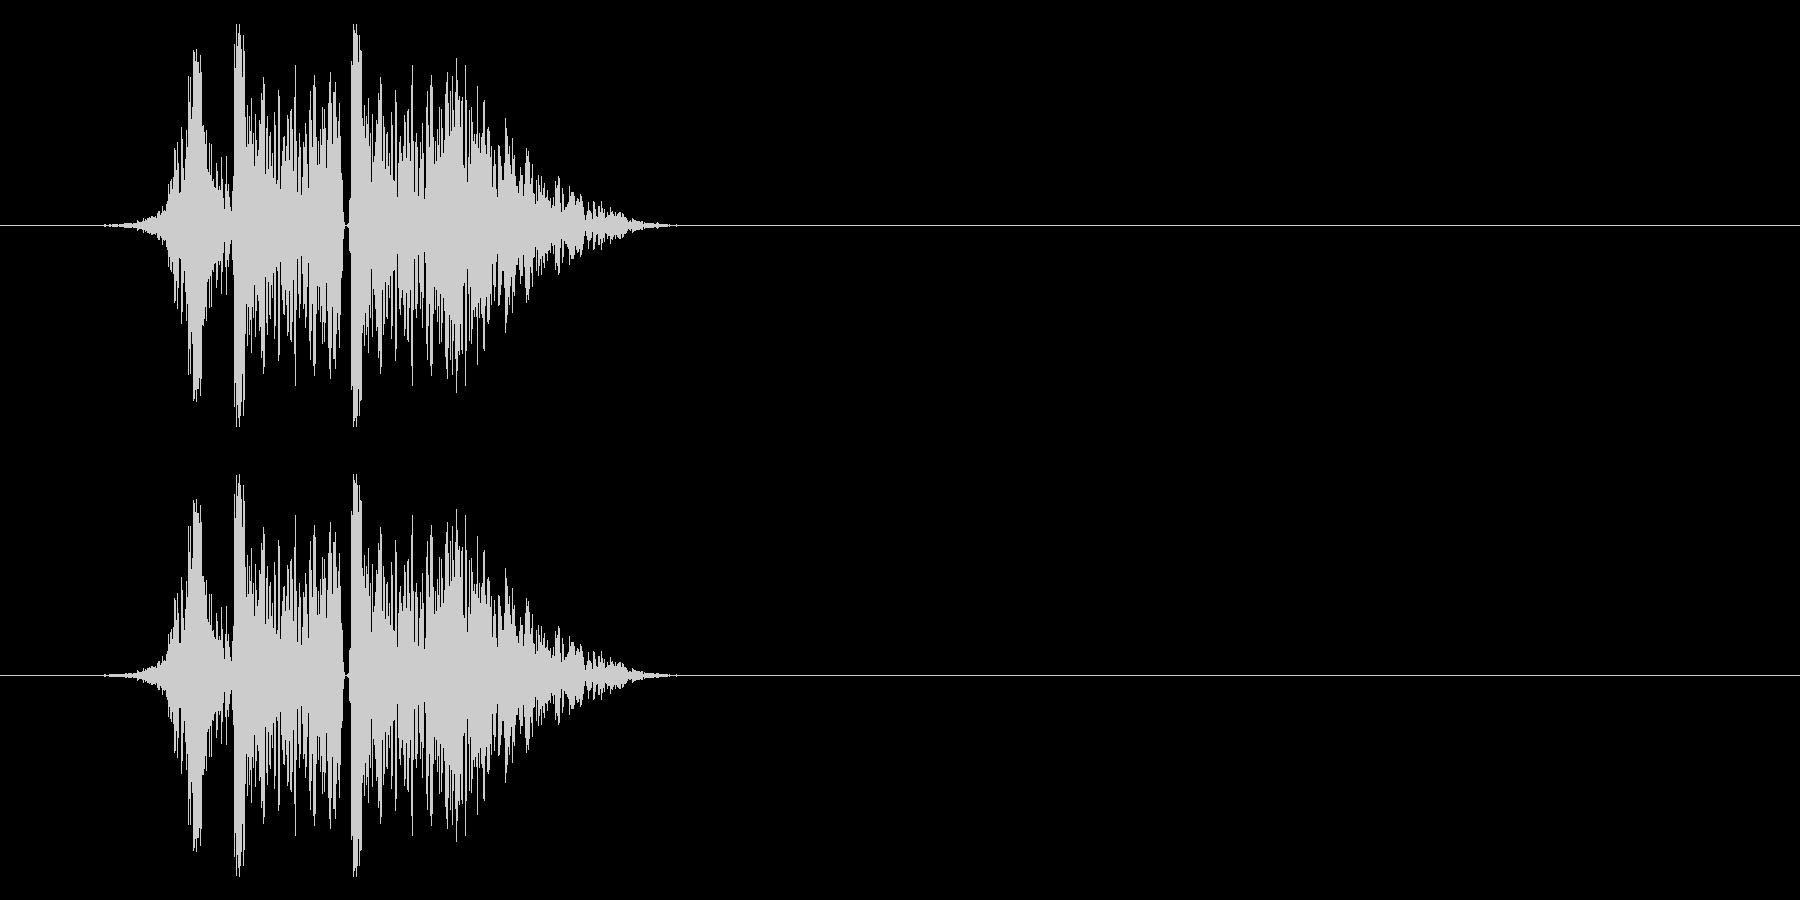 打撃09-4の未再生の波形